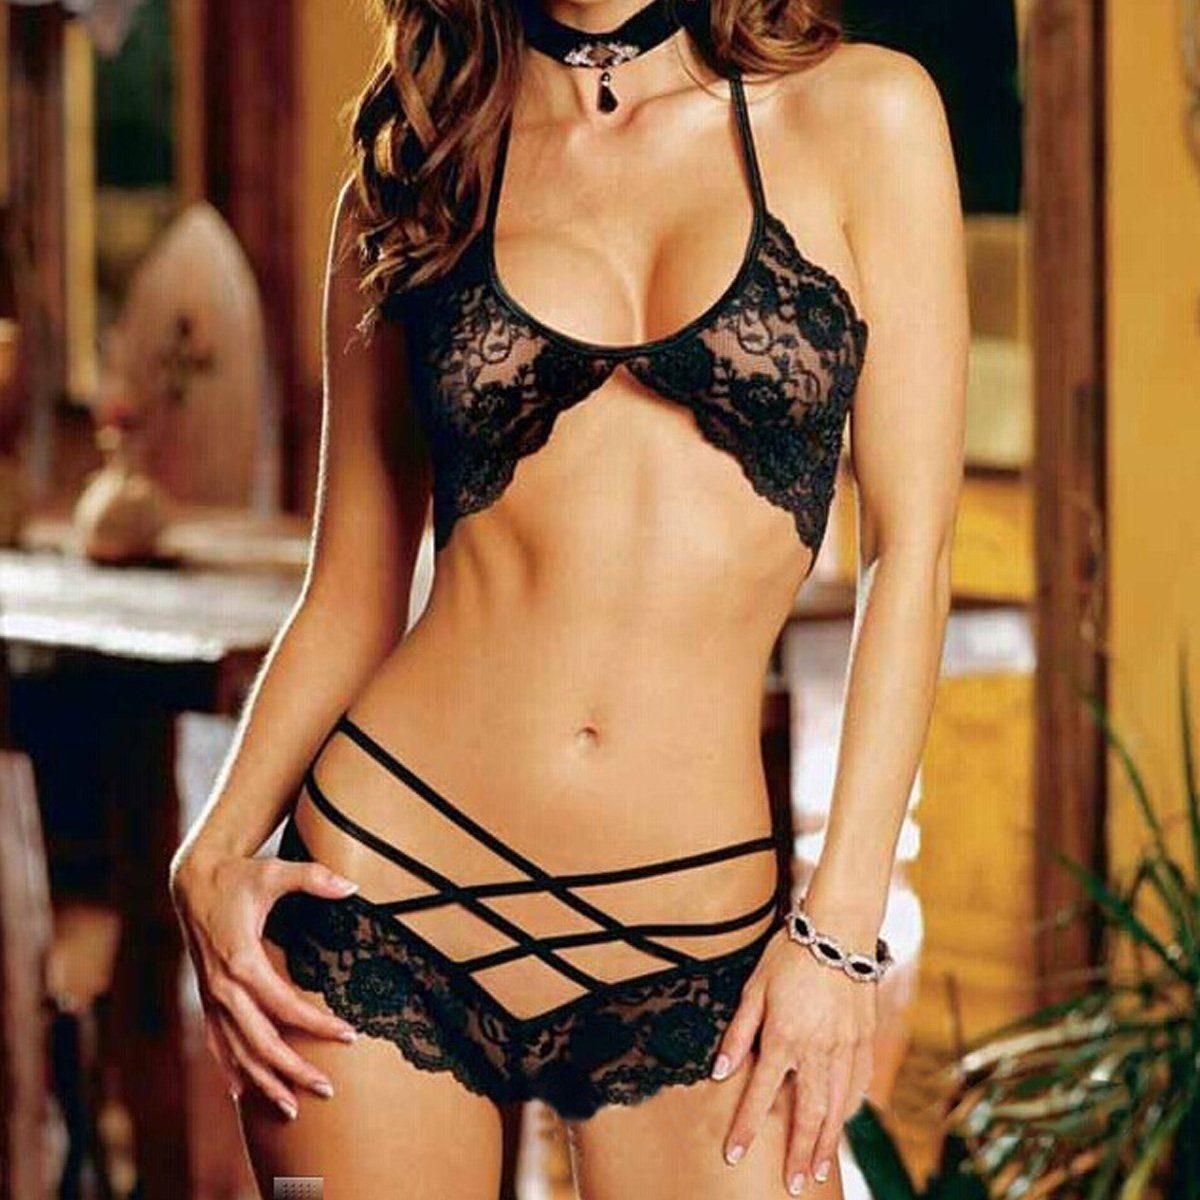 Conjunto de sexy ropa interior para mujer en for Conjuntos sexis ropa interior